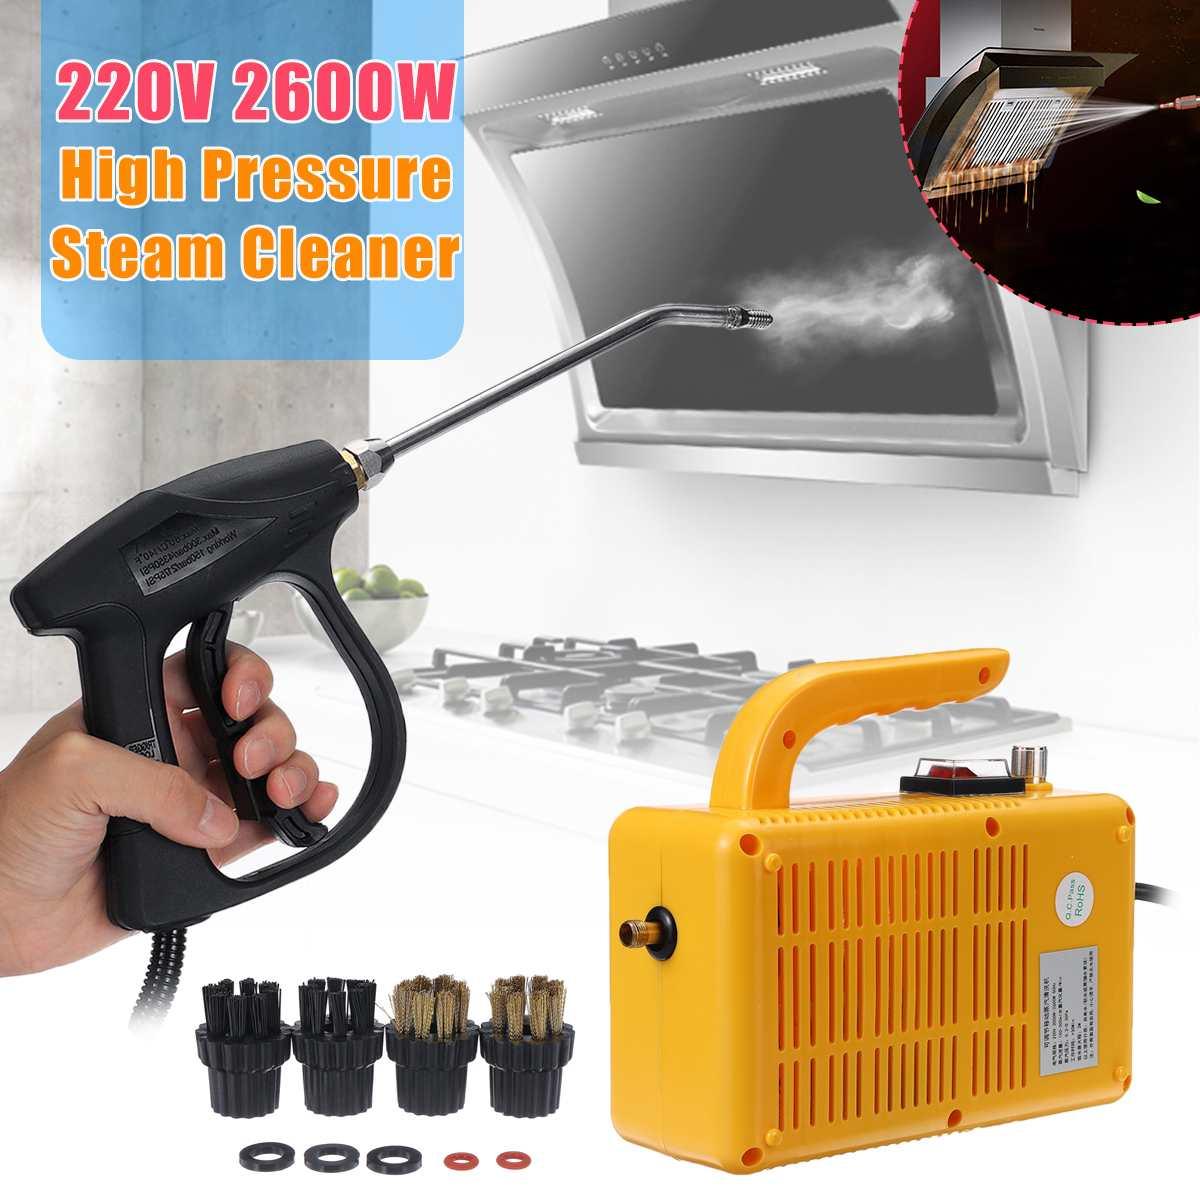 Пароочиститель высокого давления 220В 2600 Вт портативный Электрический пароочиститель бытовой очиститель насосная стерилизация